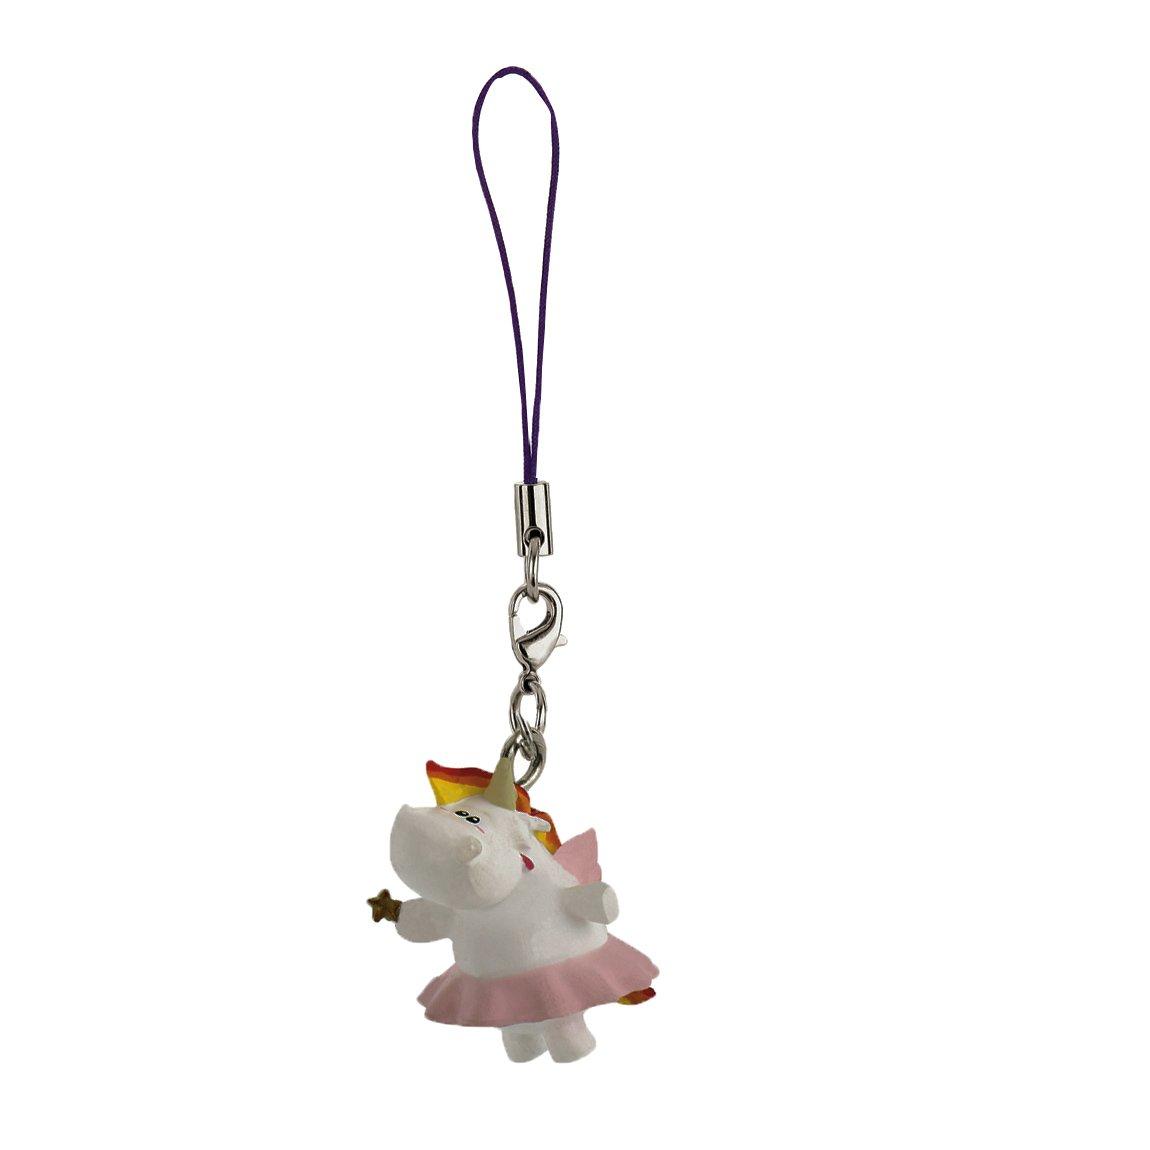 Bullyland 44401 Key Chain Chubby Unicorn Fairy